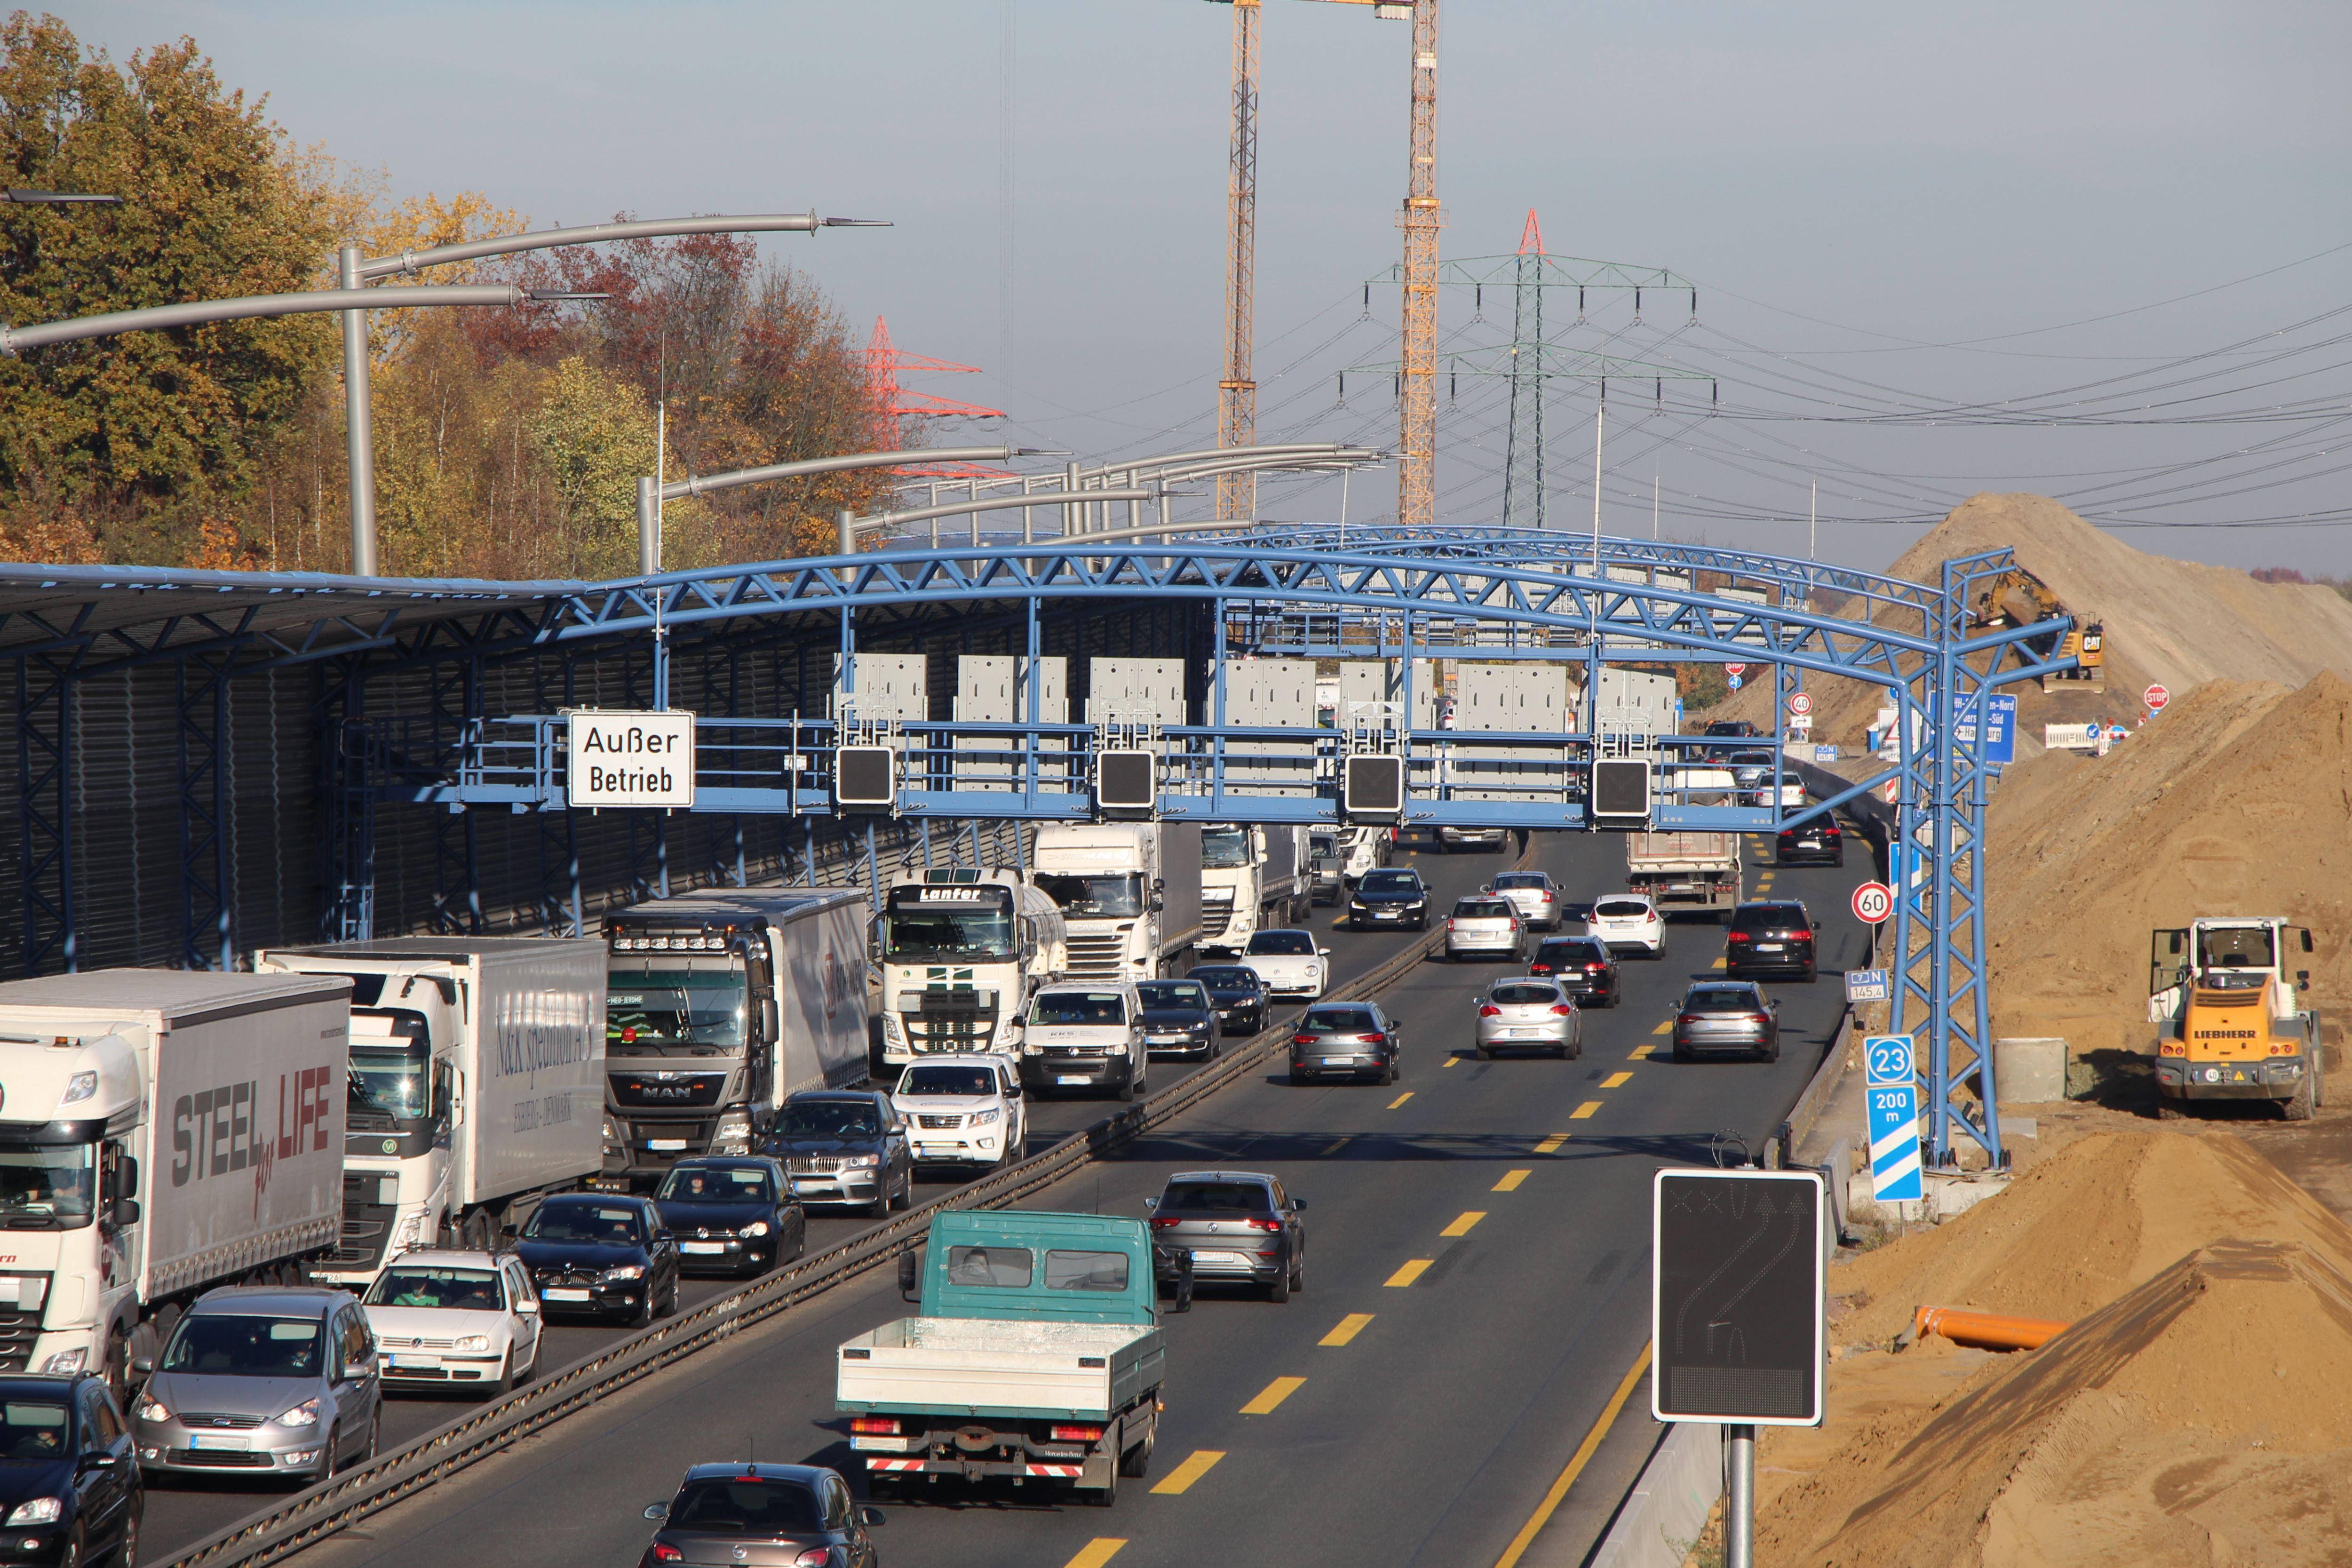 Bauarbeiten an der A7: Ausfahrt in Schnelsen gesperrt